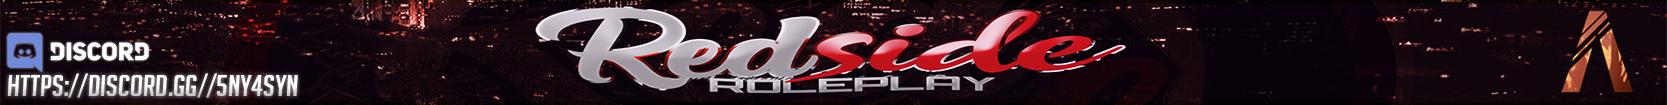 5cec8020d6c52-RedSideGIF(En Cours).png